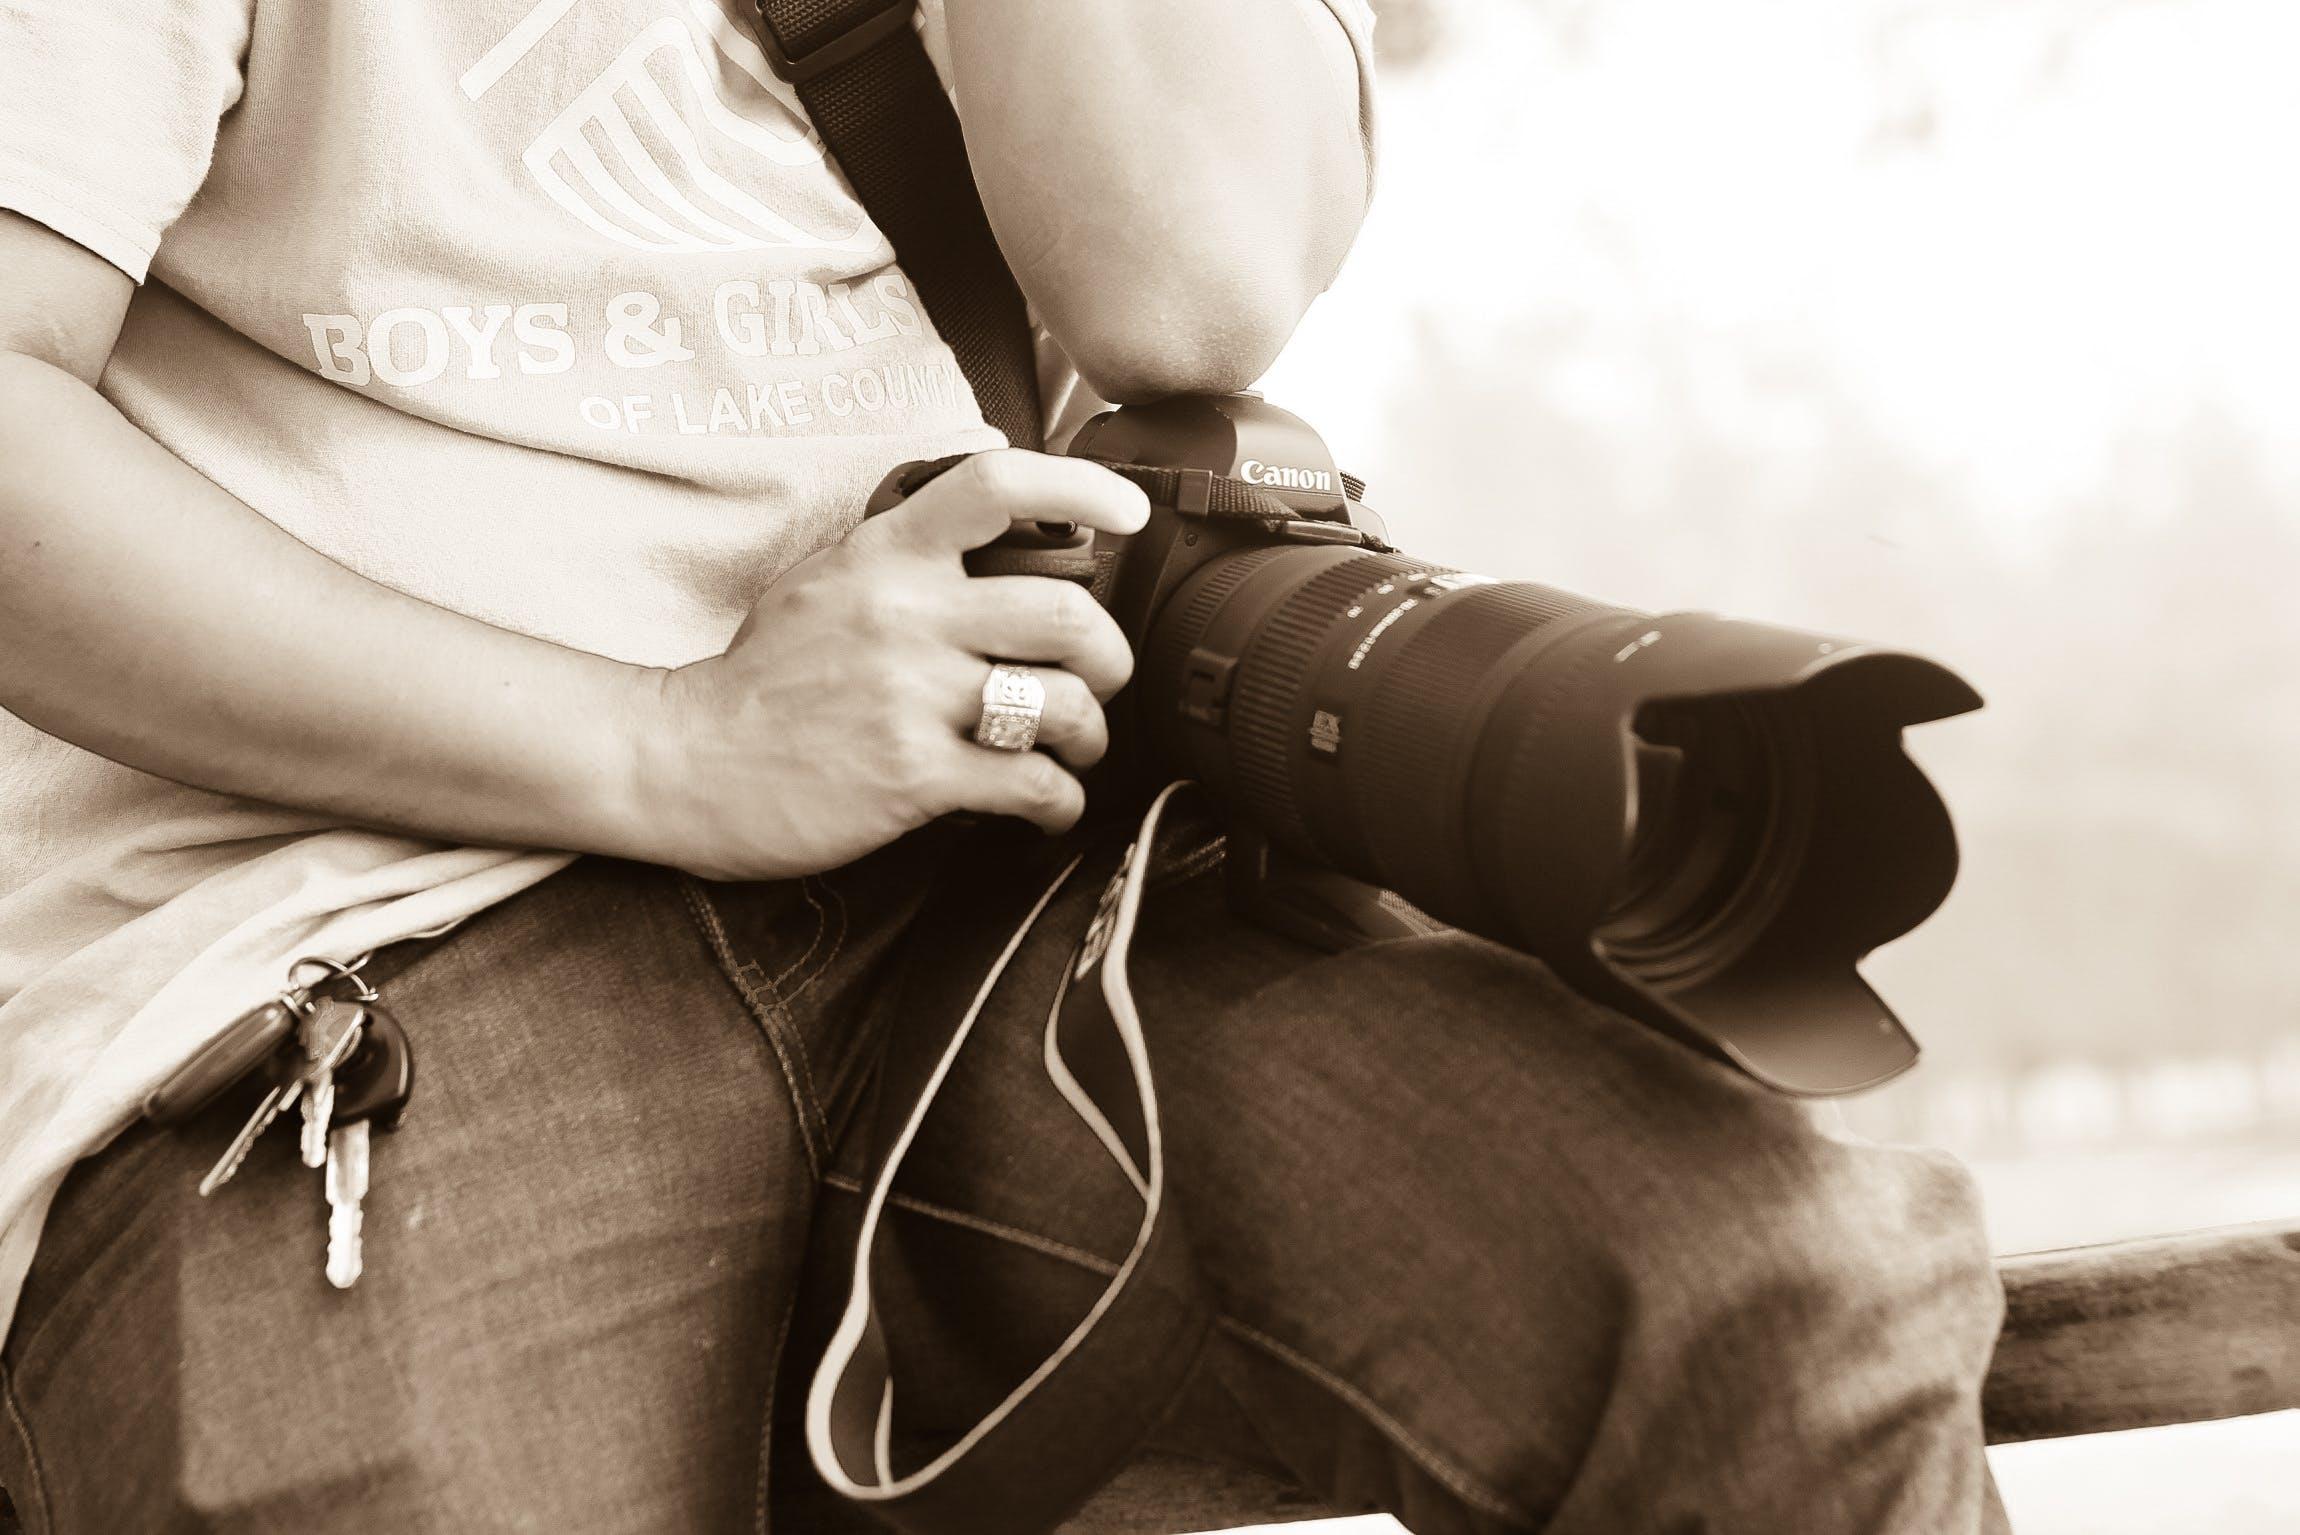 adam, anahtarlar, canon, dslr içeren Ücretsiz stok fotoğraf